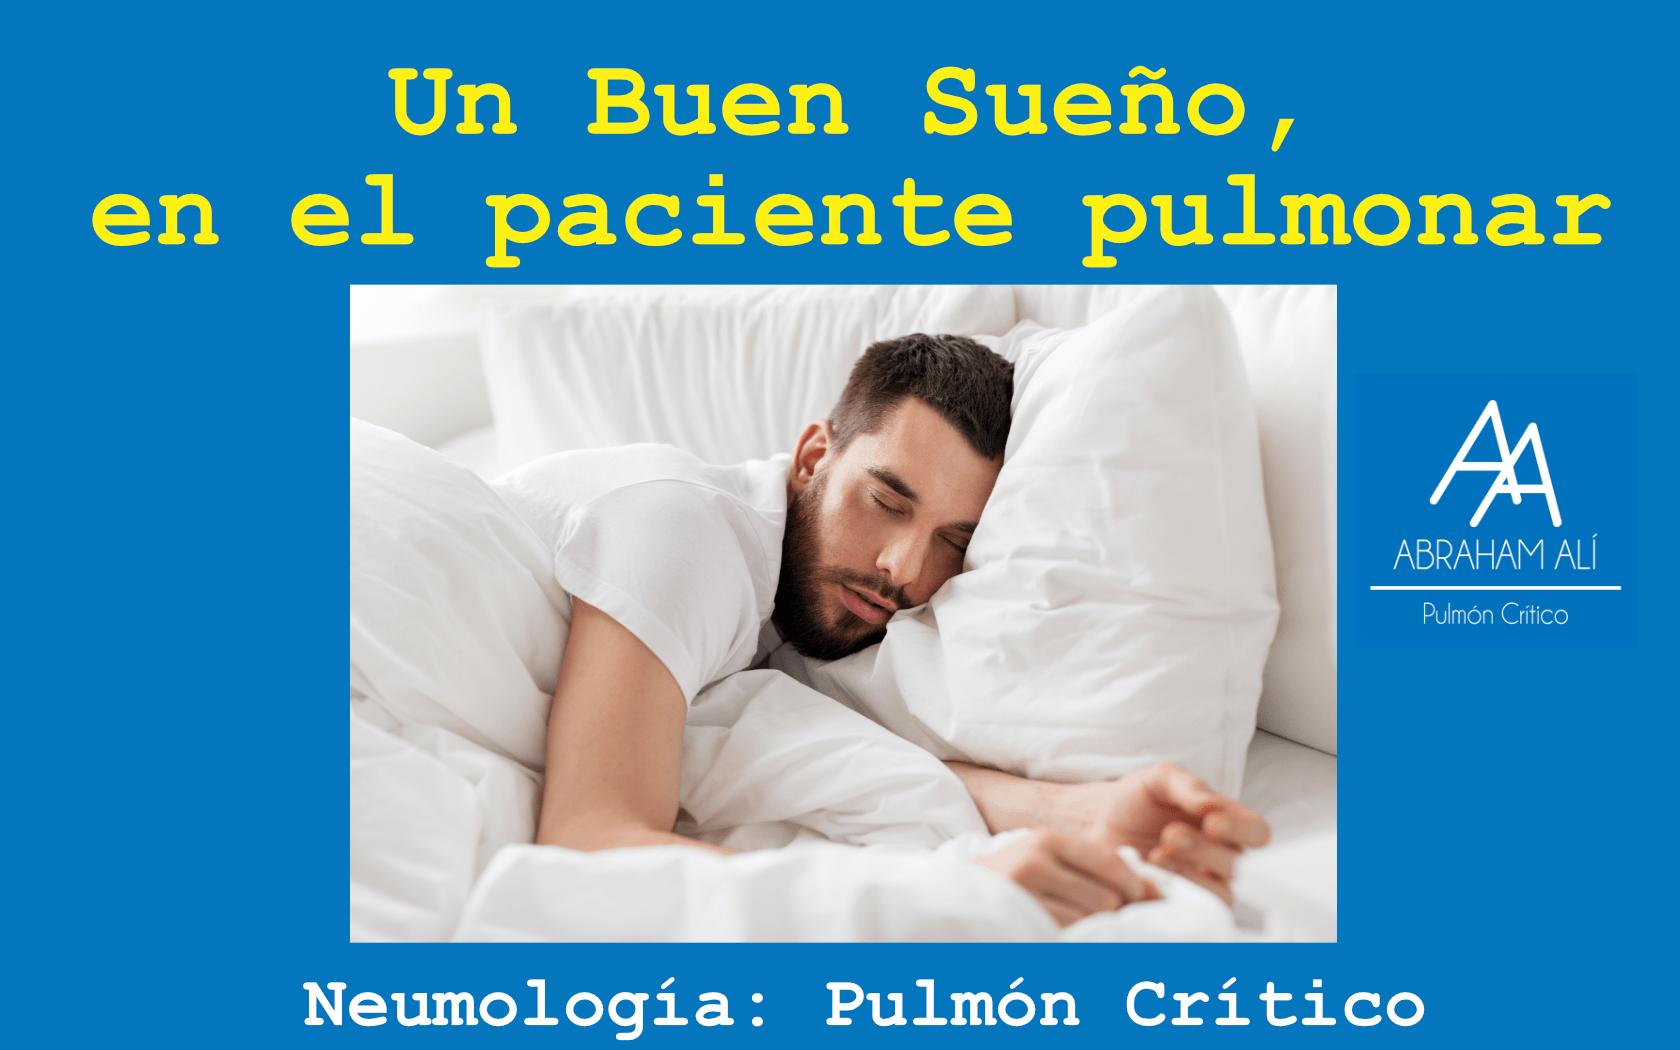 Sueño-en-el-paciente-pulmonar